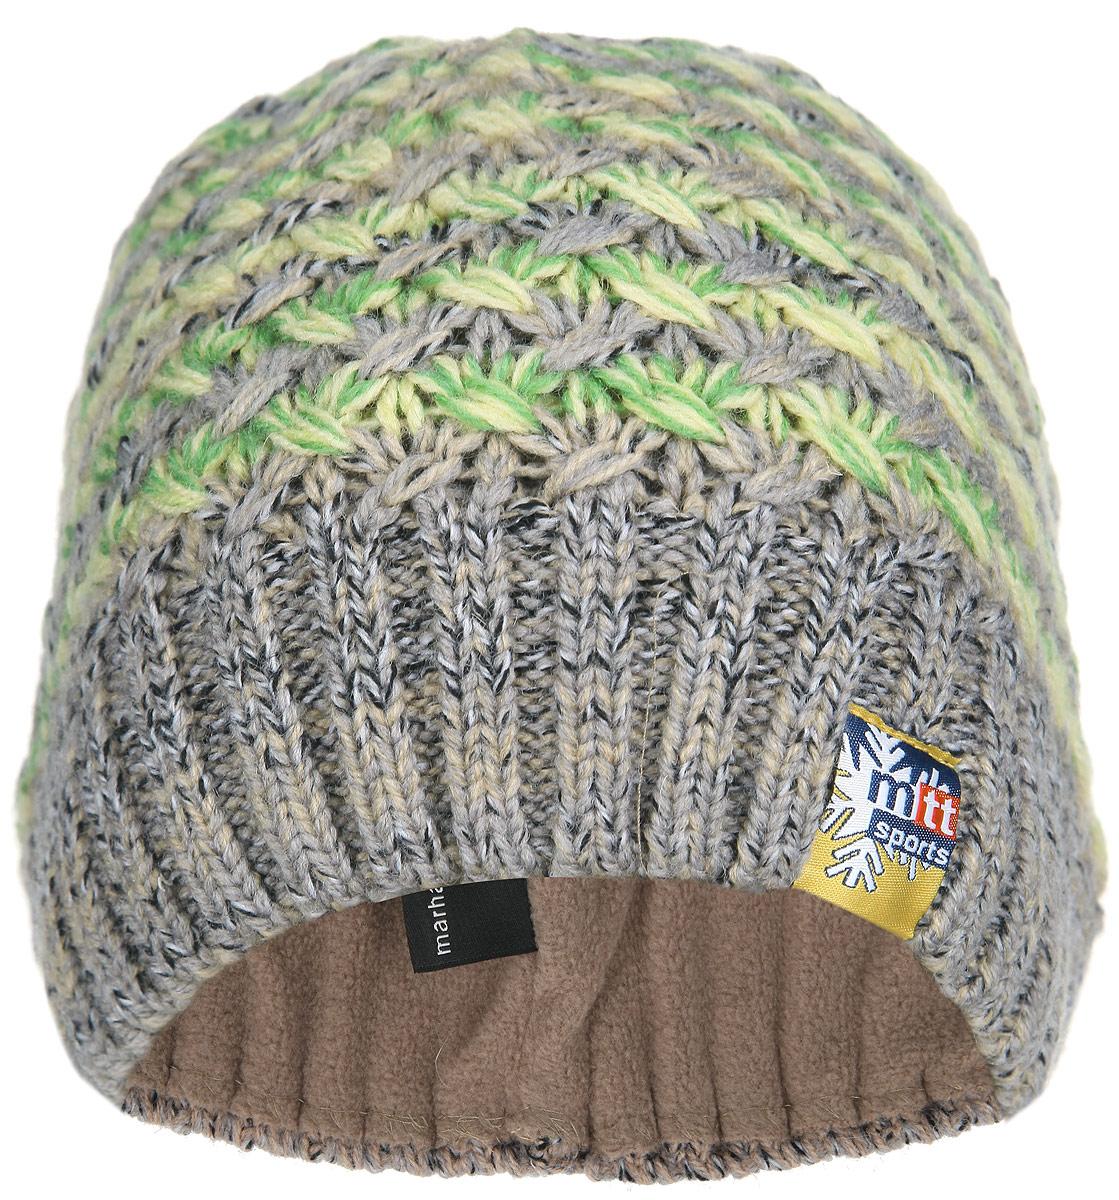 Шапка женская. MLH4963/2MLH4963/2Теплая женская шапка Marhatter - отличное решение для зимних прогулок на свежем воздухе и активного отдыха. Шапка изготовлена из шерсти и акрила с утеплителем из мягкого флиса. Модель выполнена крупной вязкой. Шапка легкая, приятная на ощупь и отлично защищает от зимнего холода. Уважаемые клиенты! Размер, доступный для заказа, является обхватом головы.